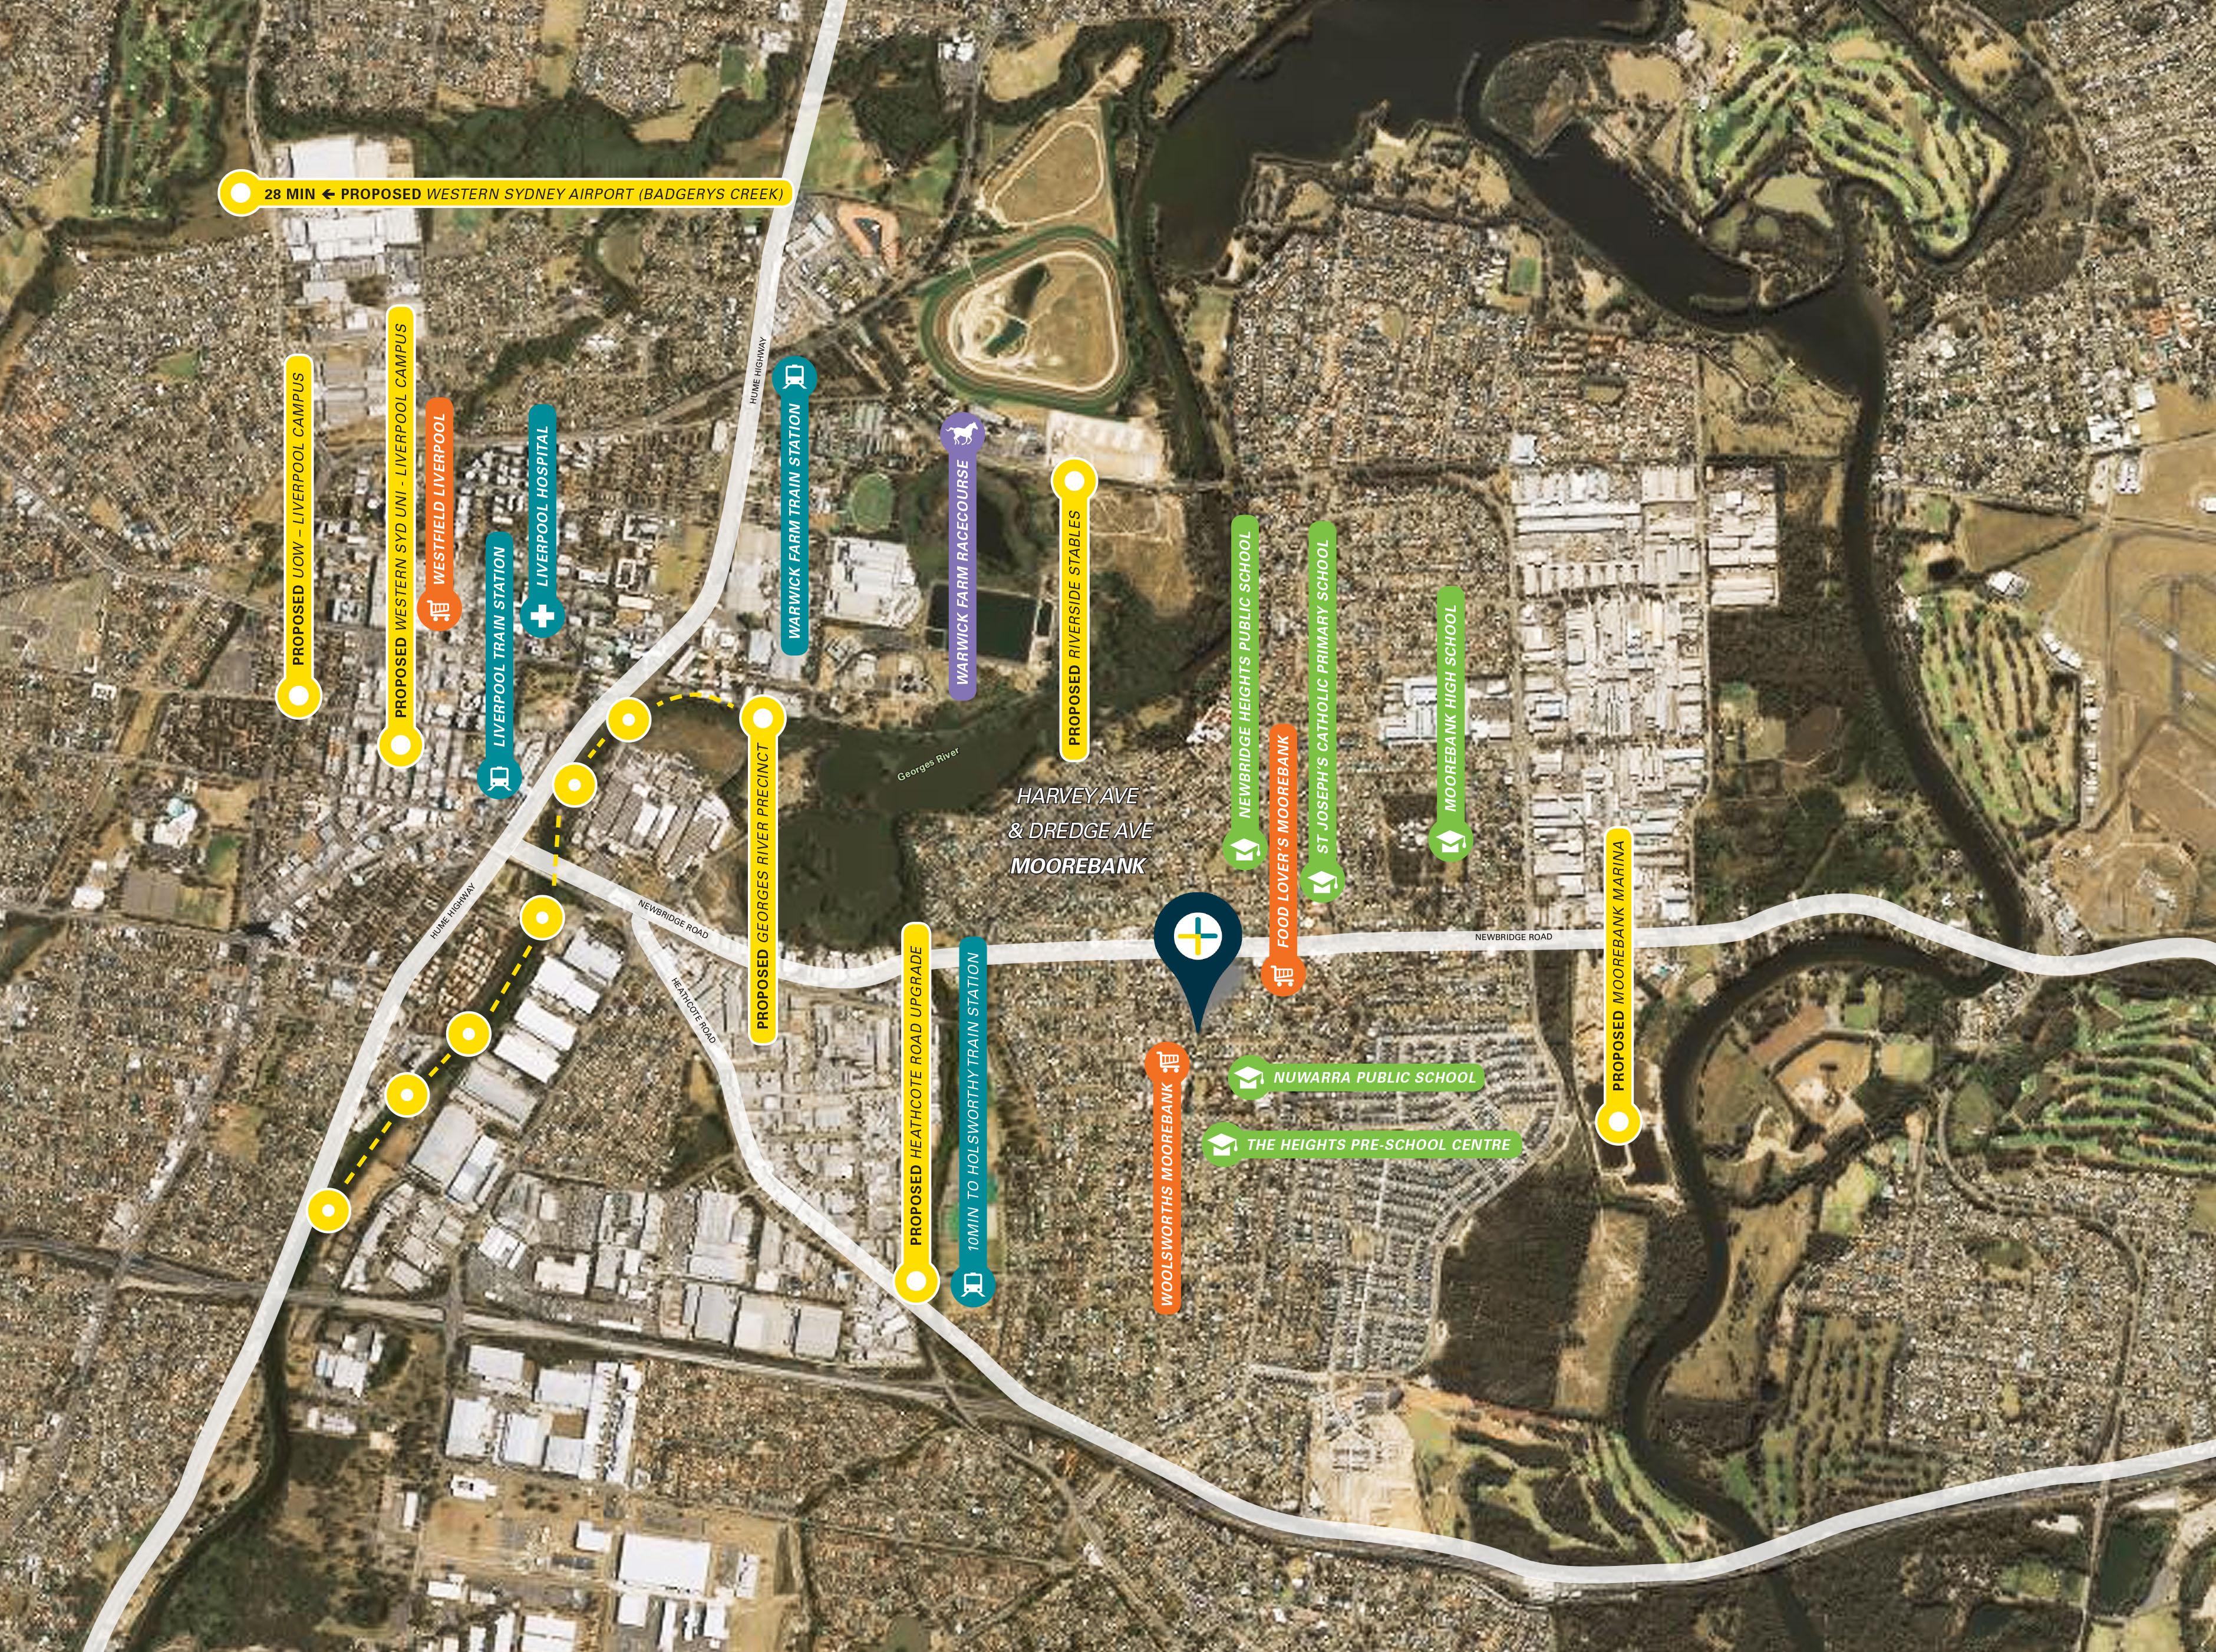 Aerial view of Moorebank site